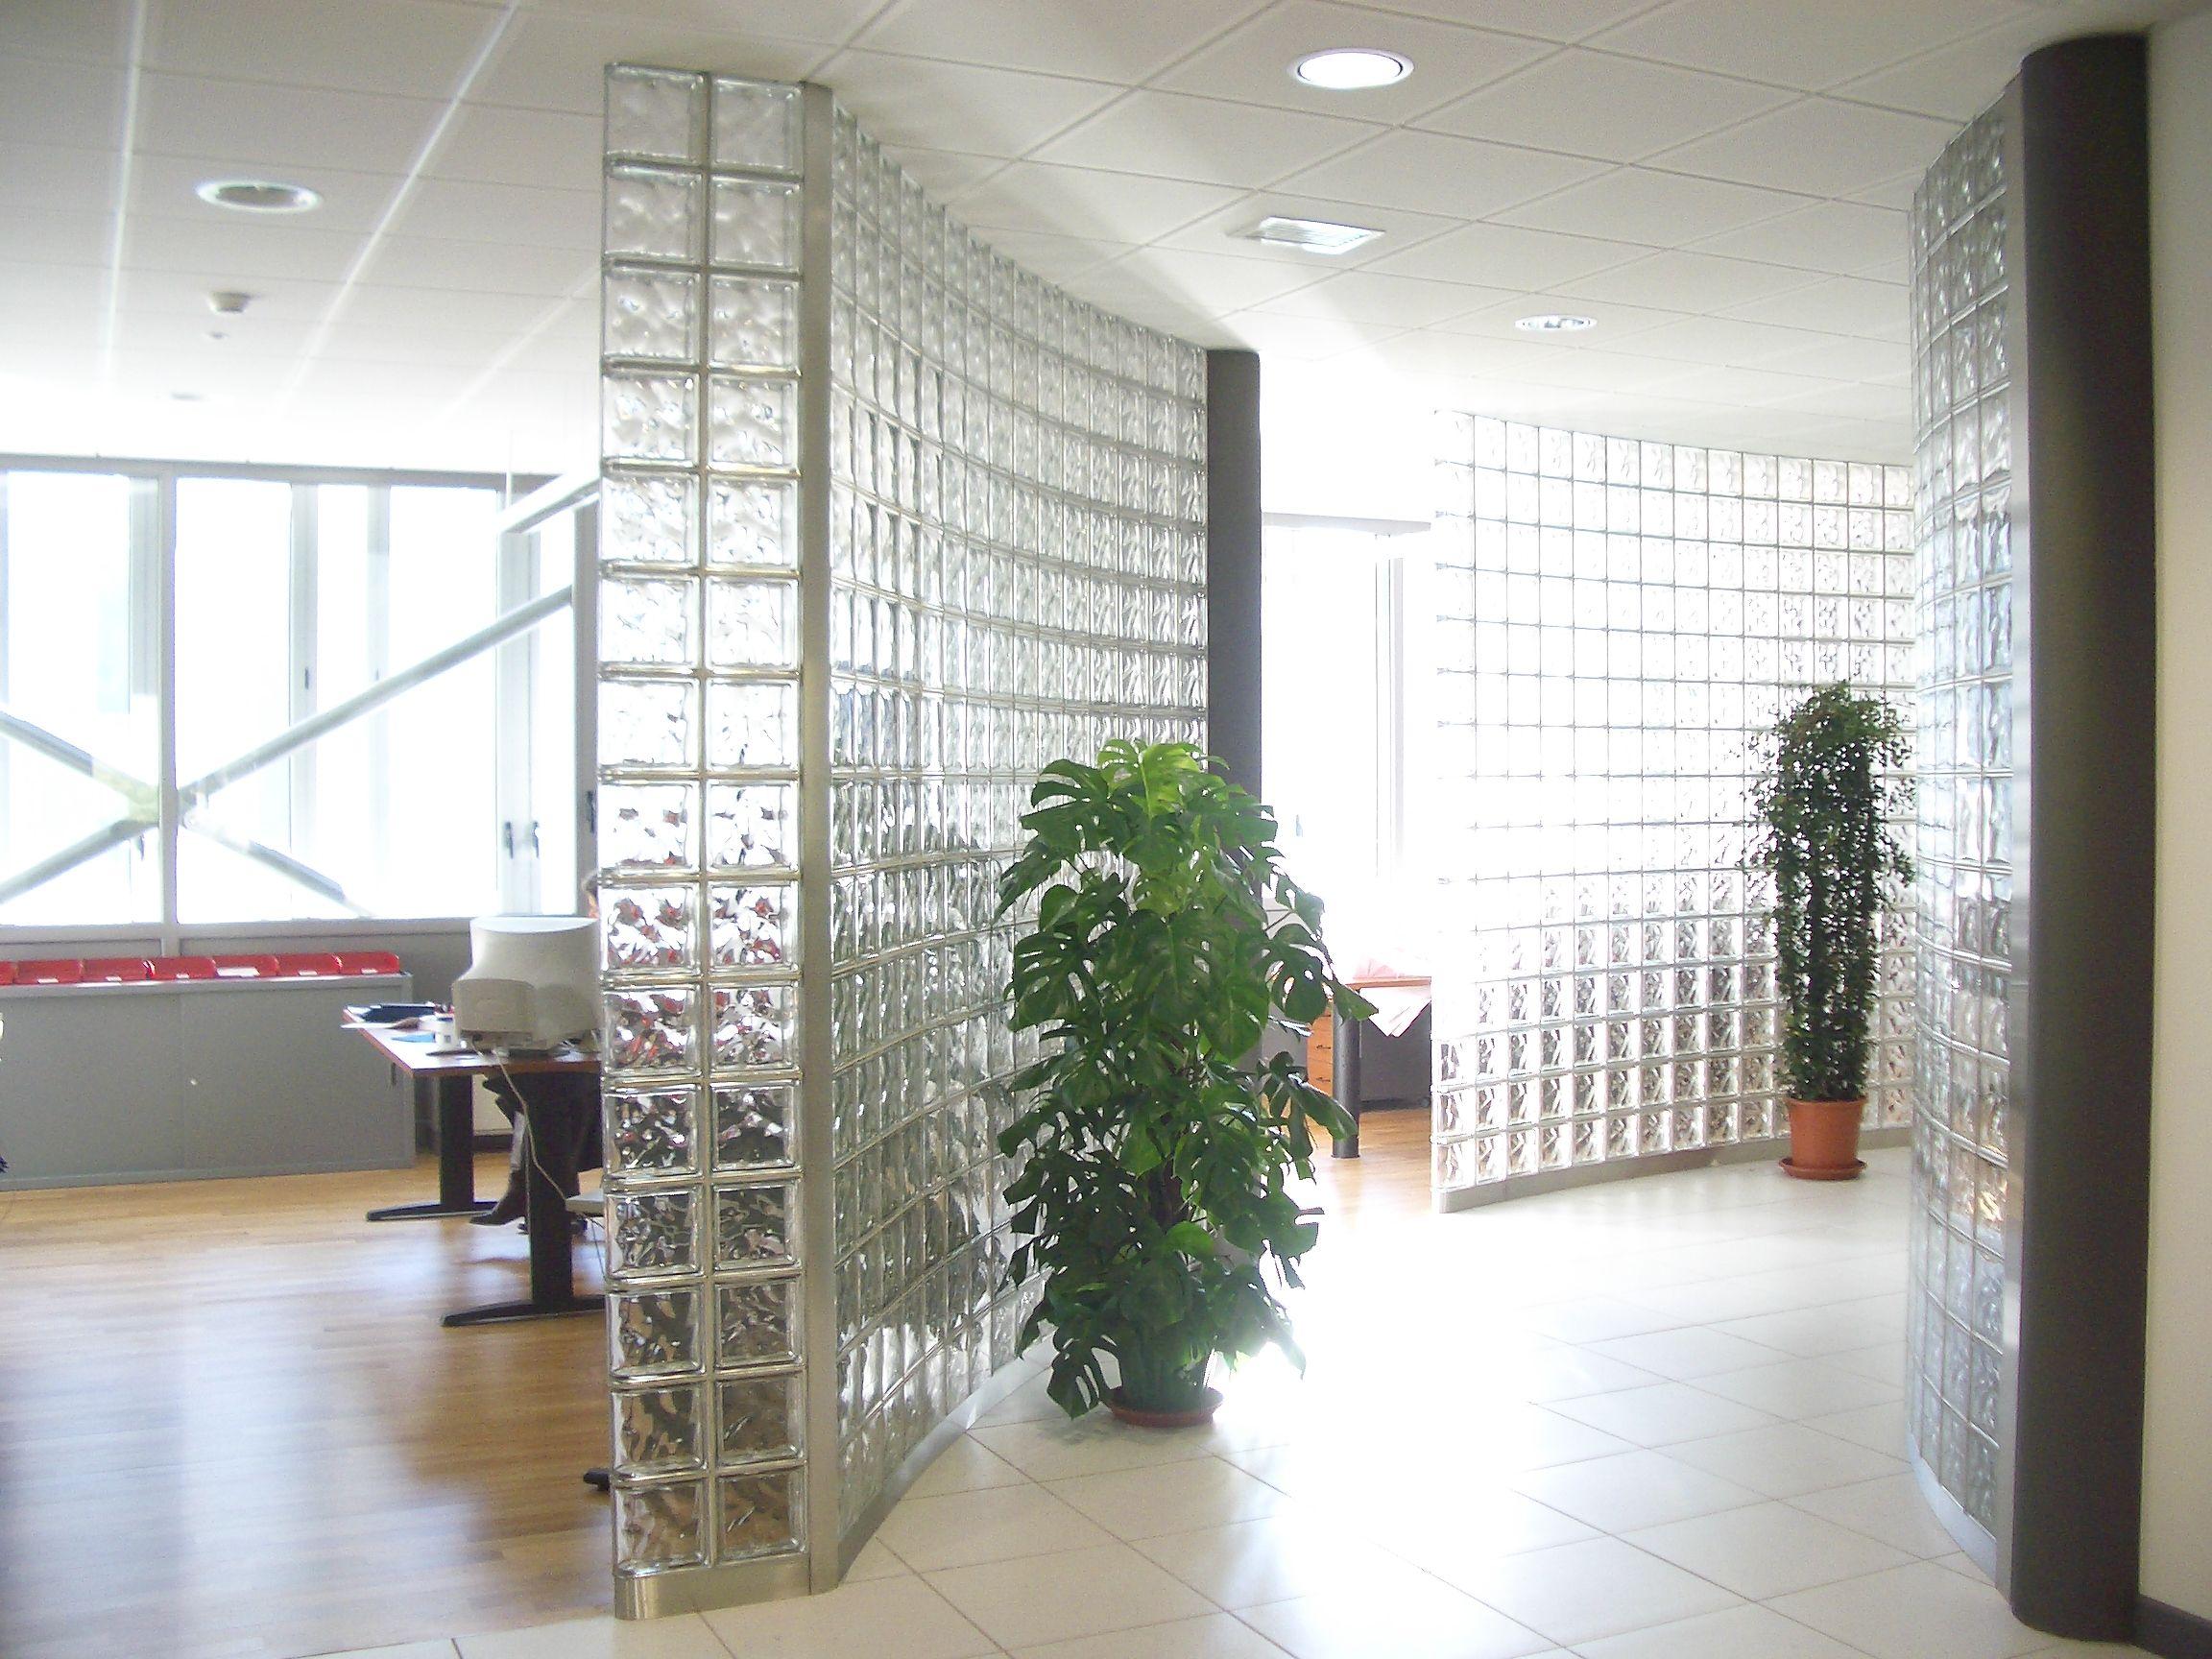 Pared divisoria con ladrillos de vidrio modelo nube neutro - Paredes divisorias ...